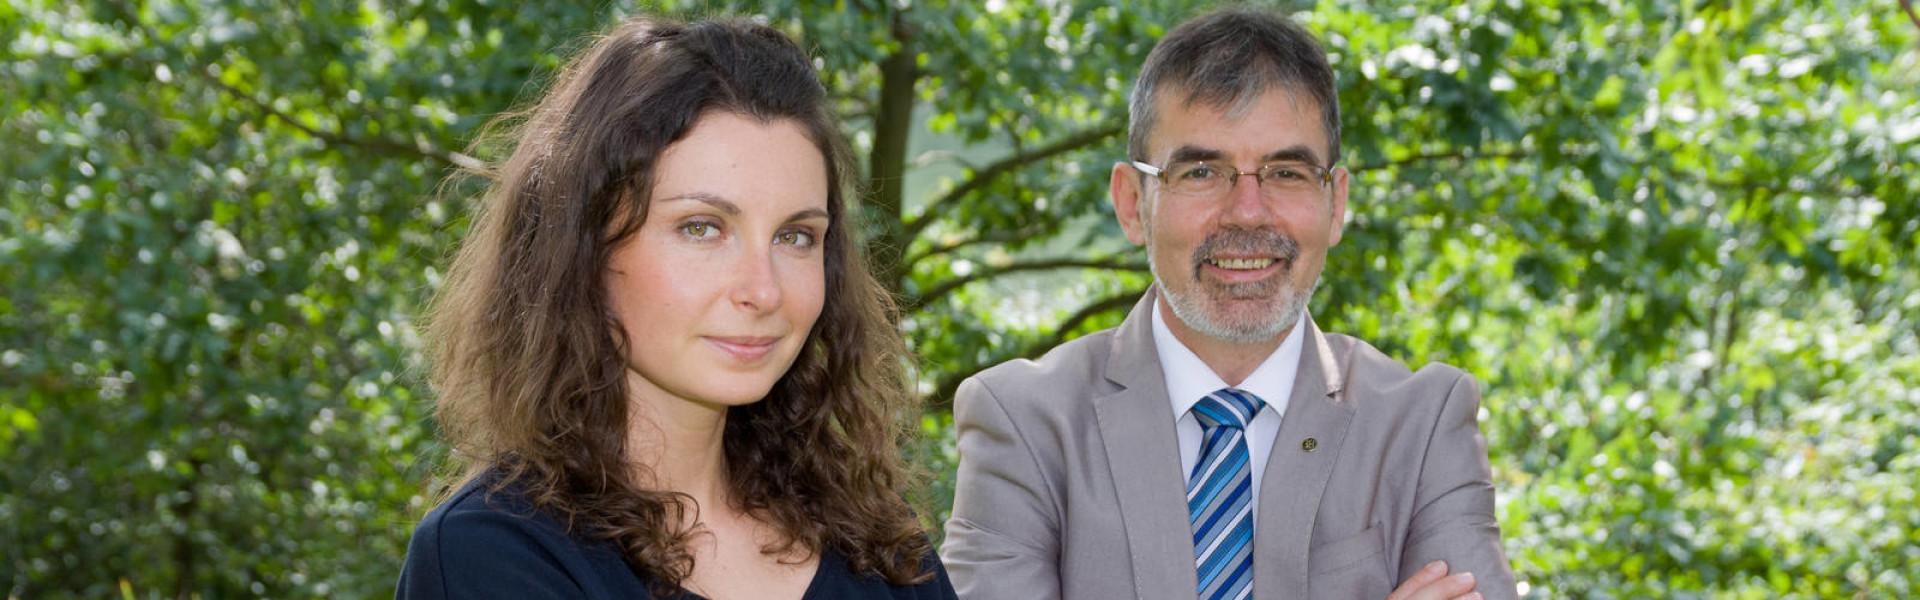 Langer & Borska Consulting